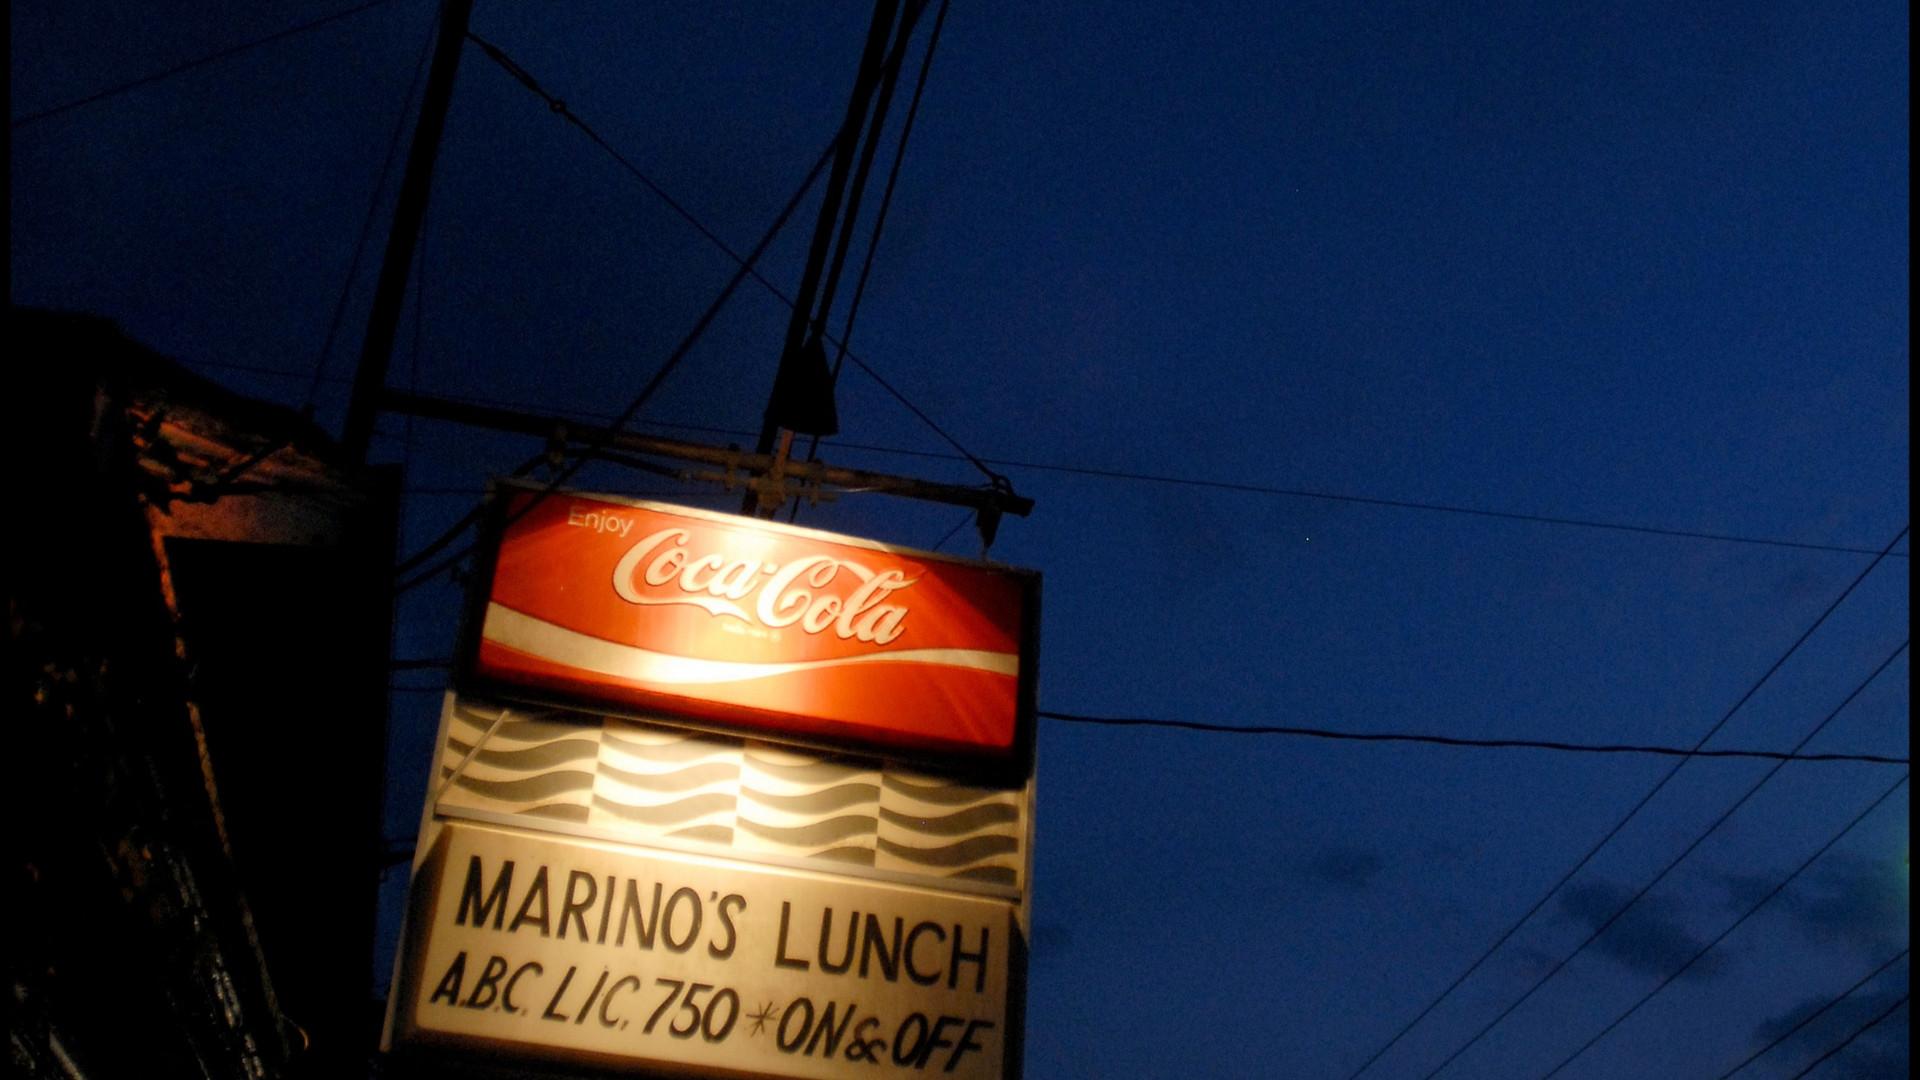 Marinos-Lunch_JARRETT_001_edited.jpg